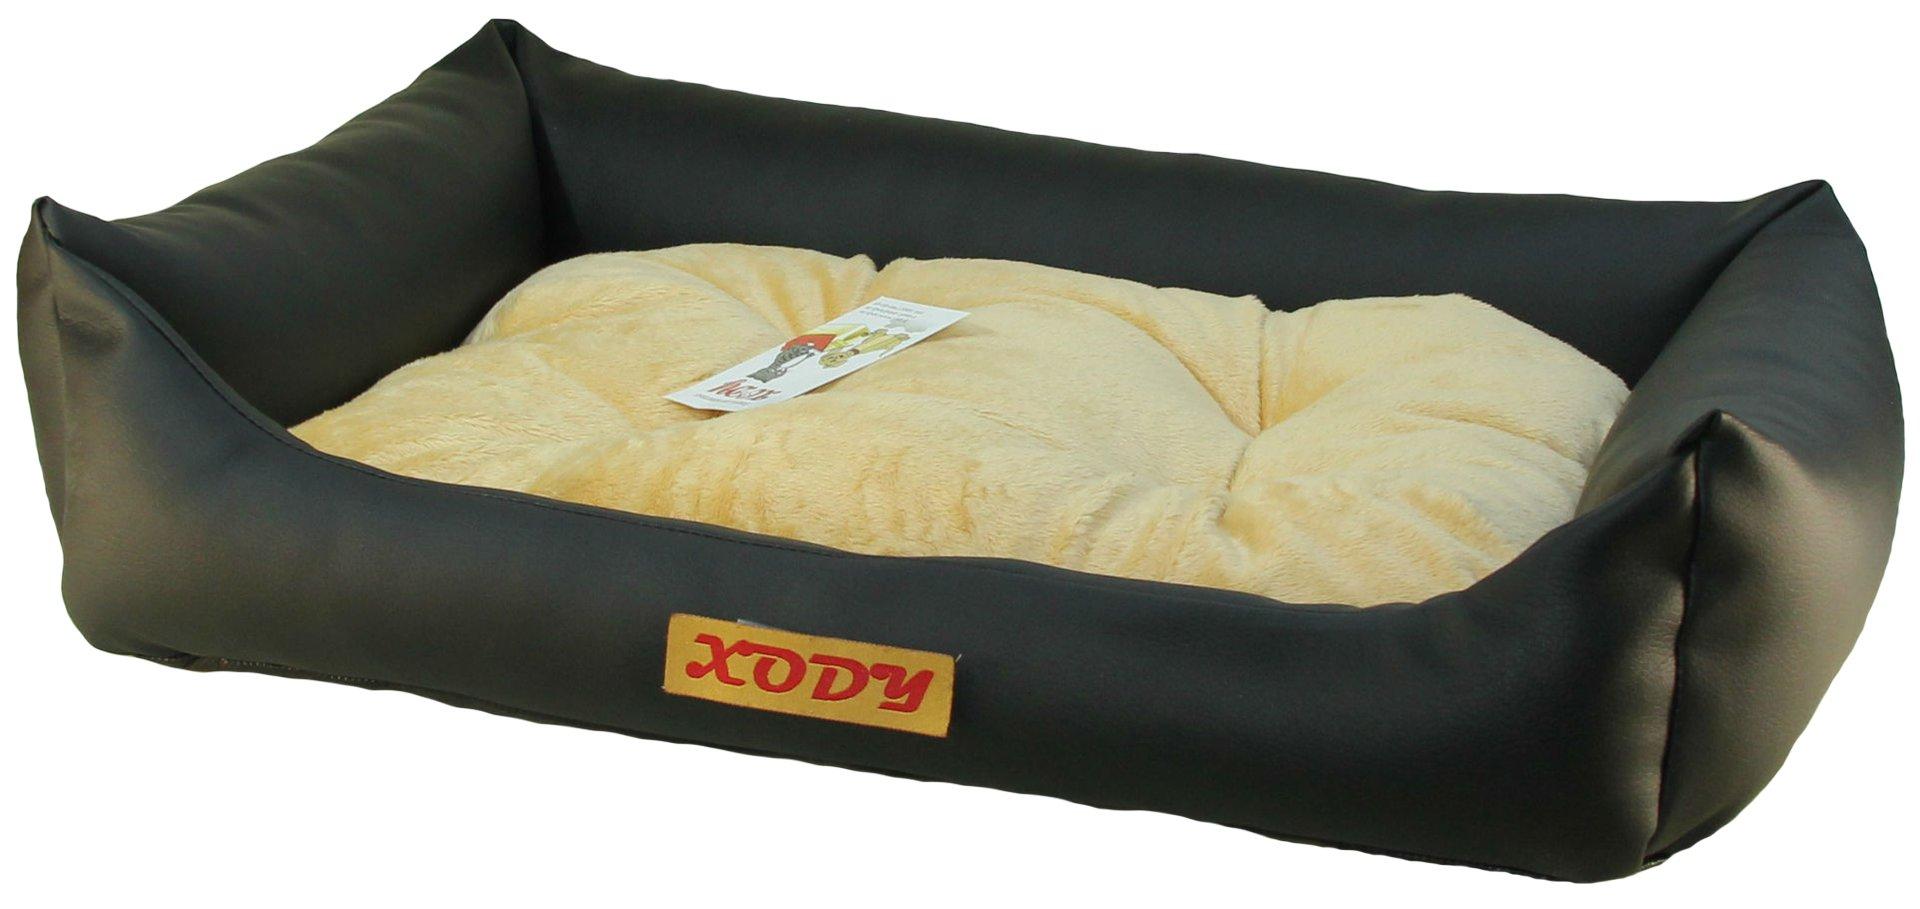 Лежак для собак Xody Люкс №6, кожа, 100х90х28 см